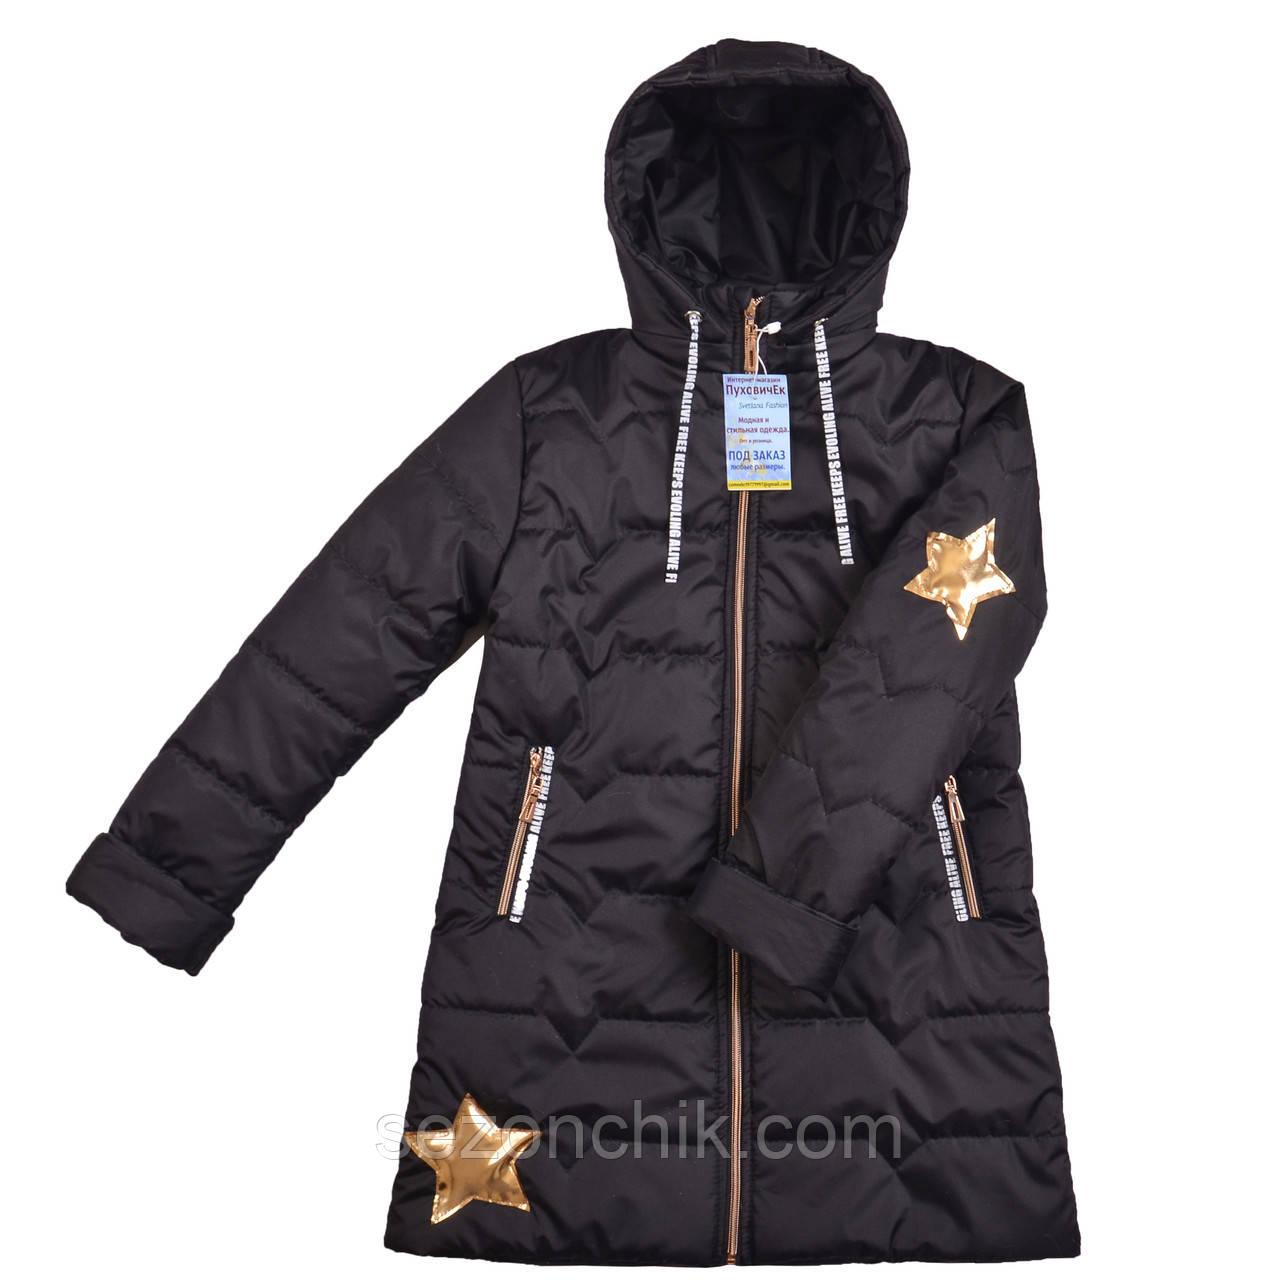 Куртка для девочки демисезонная удлиненная от производителя